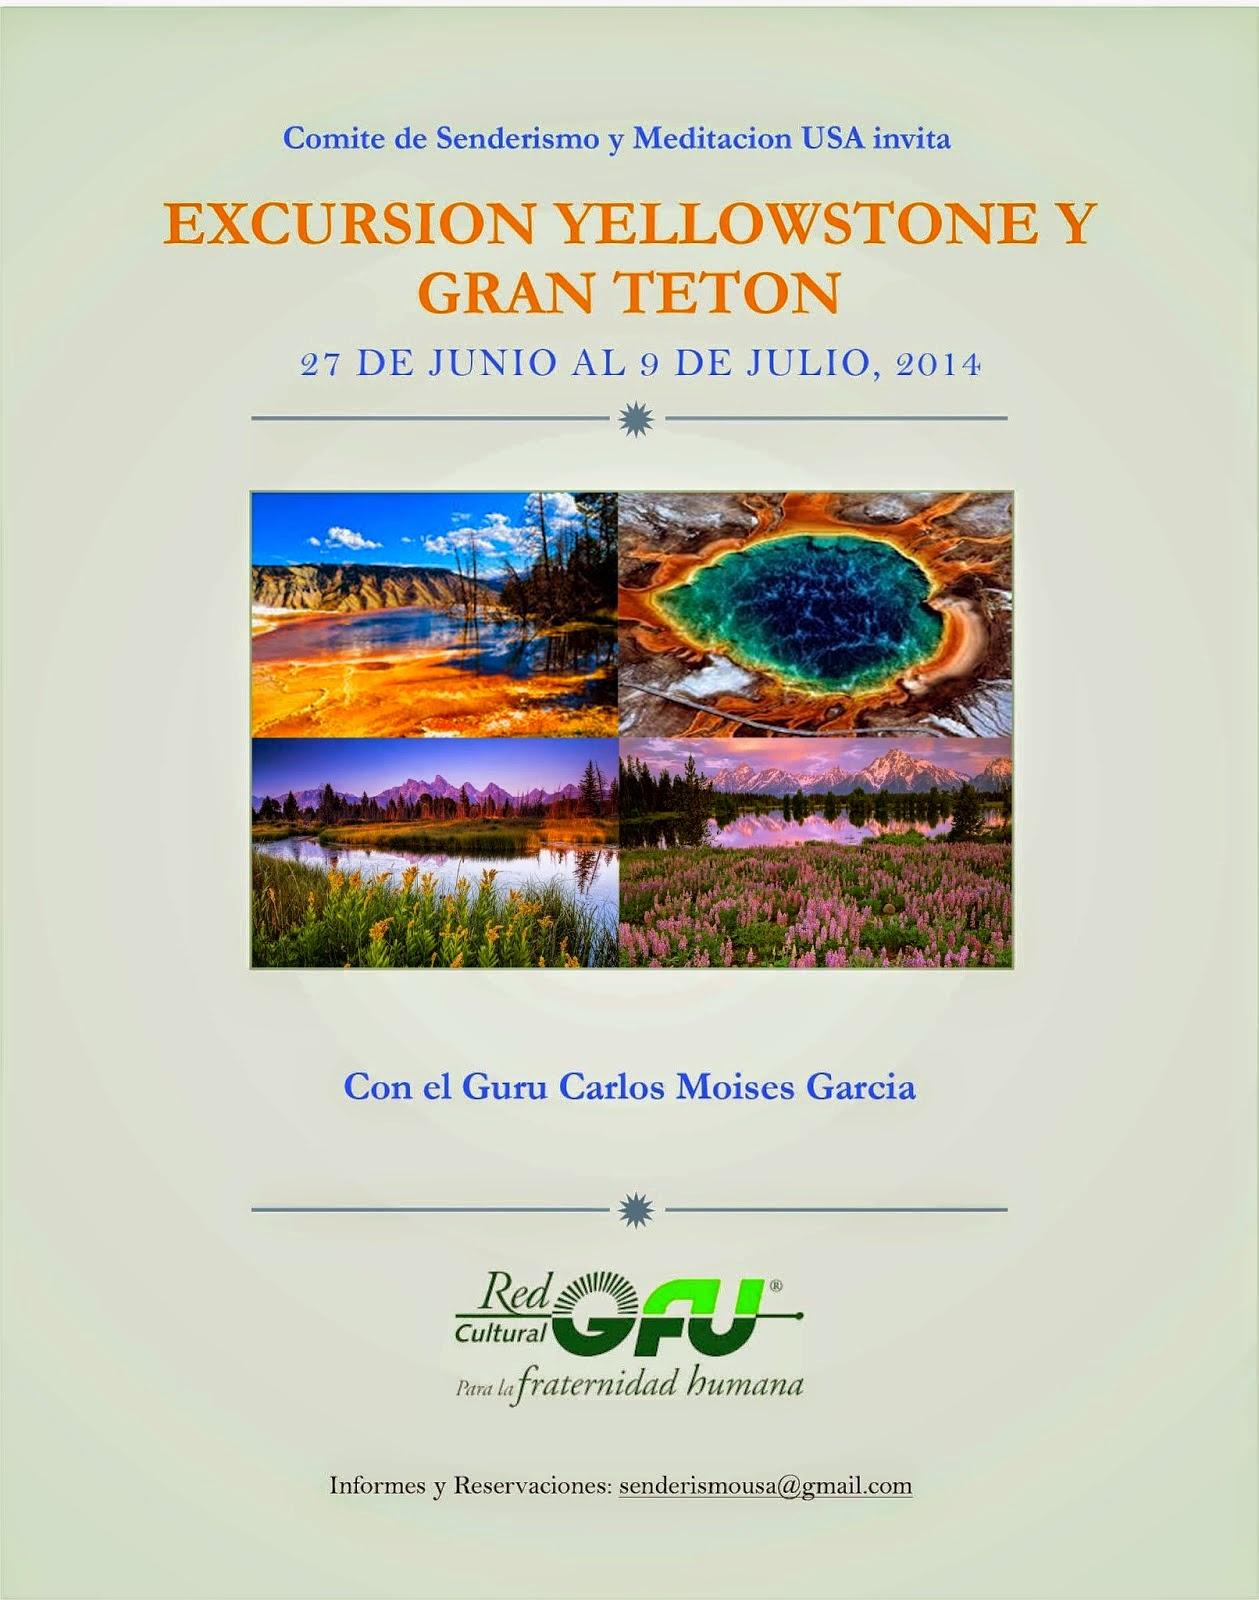 Excursiones con Meditaciones en Yellowstone y Gran Teton (USA)